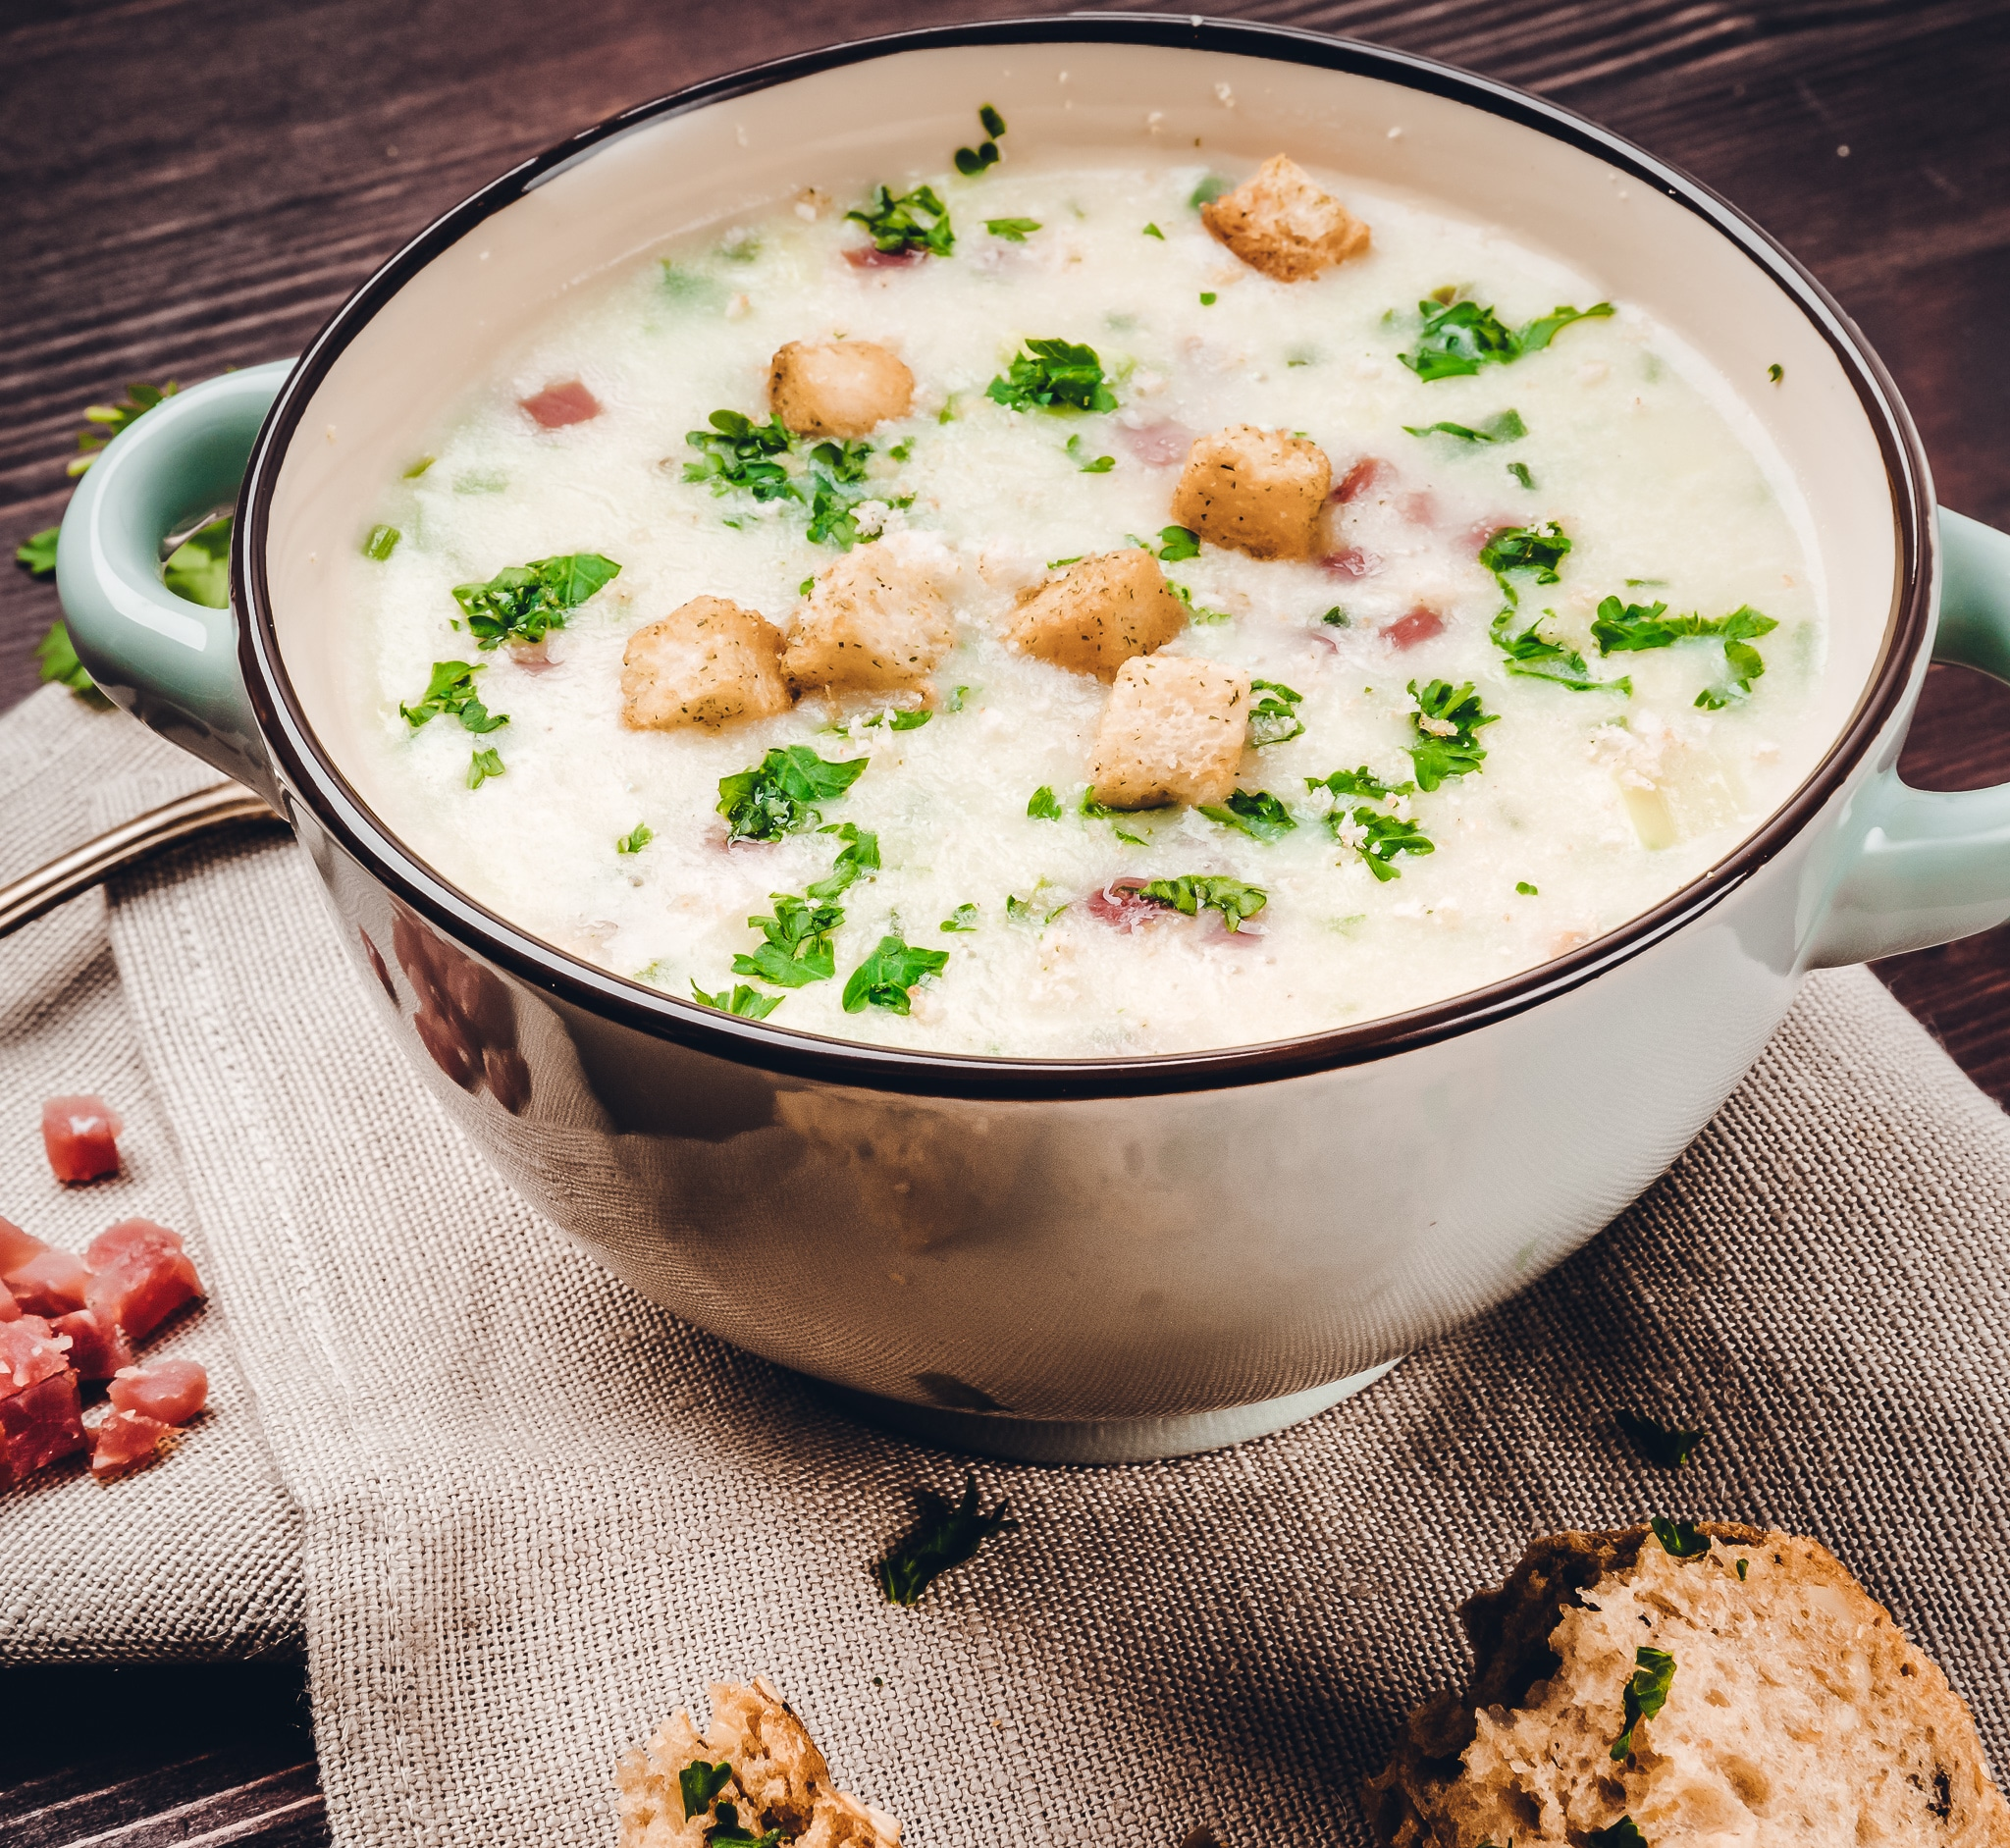 Suppen - dieses Bild zeigt eine Kartoffel Suppe